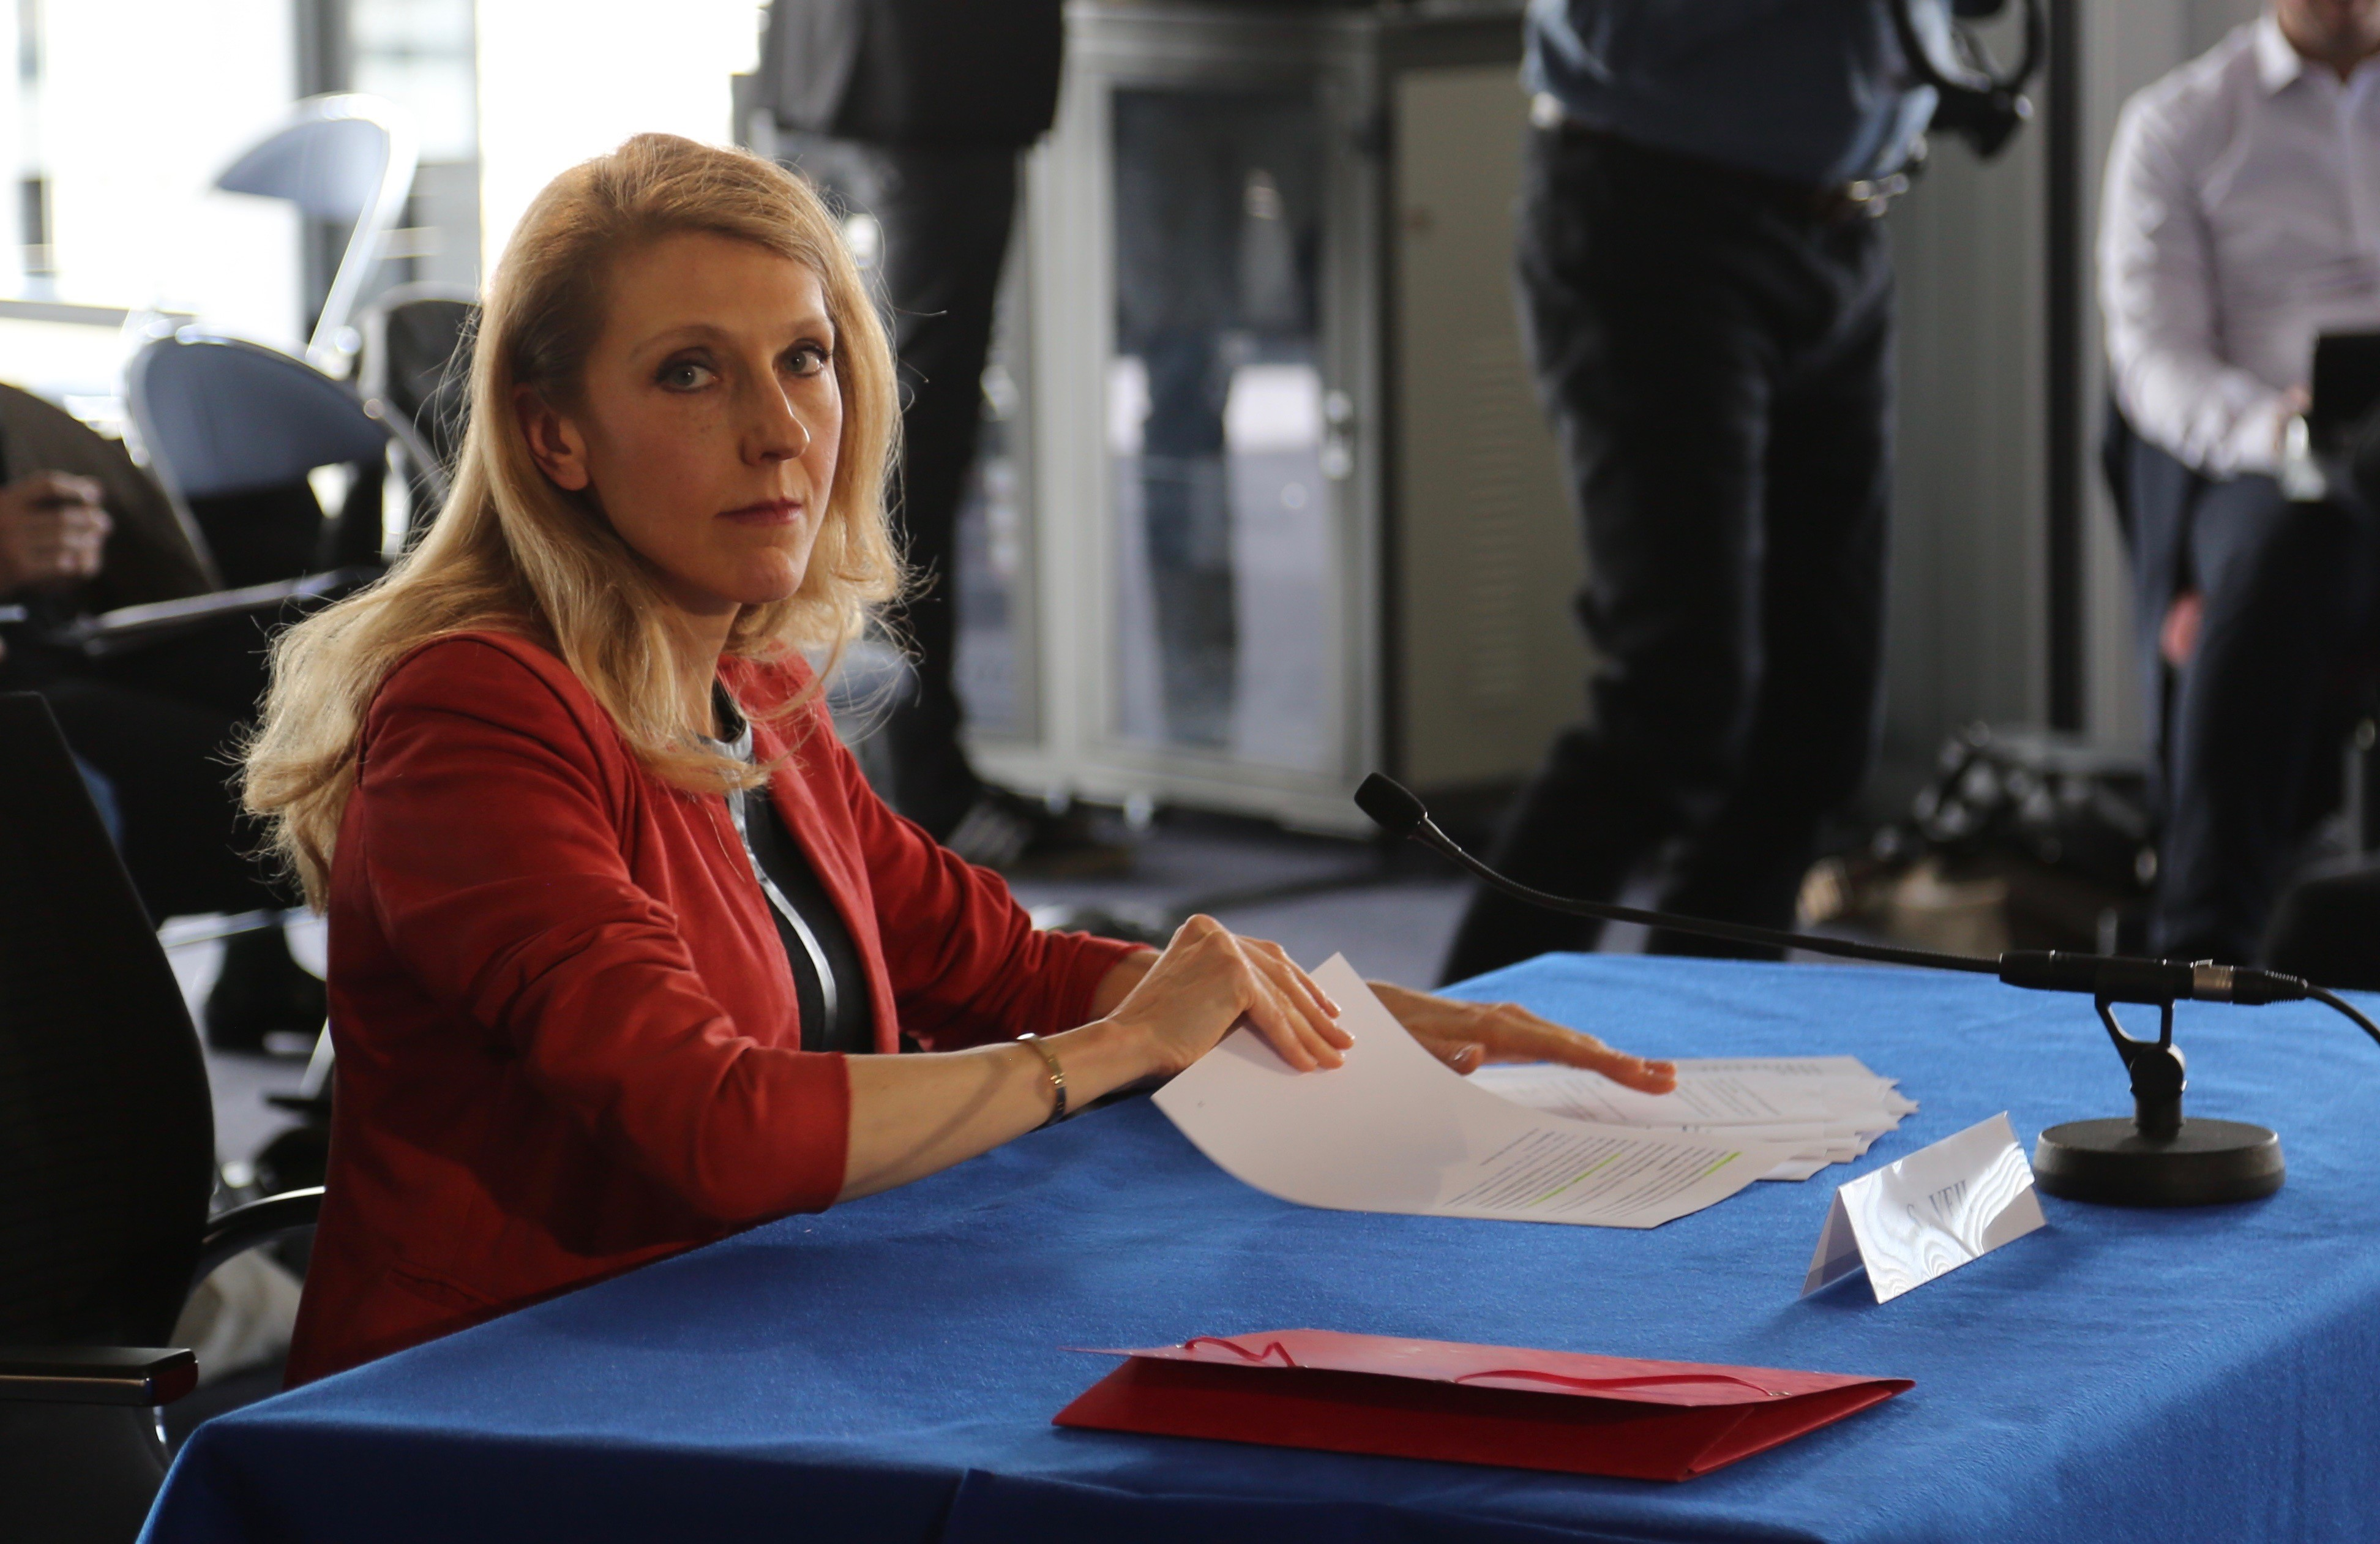 Sibyle Veil a été reçue par le CSA, ce mercredi © Serge Surpin / La Lettre Pro de la Radio